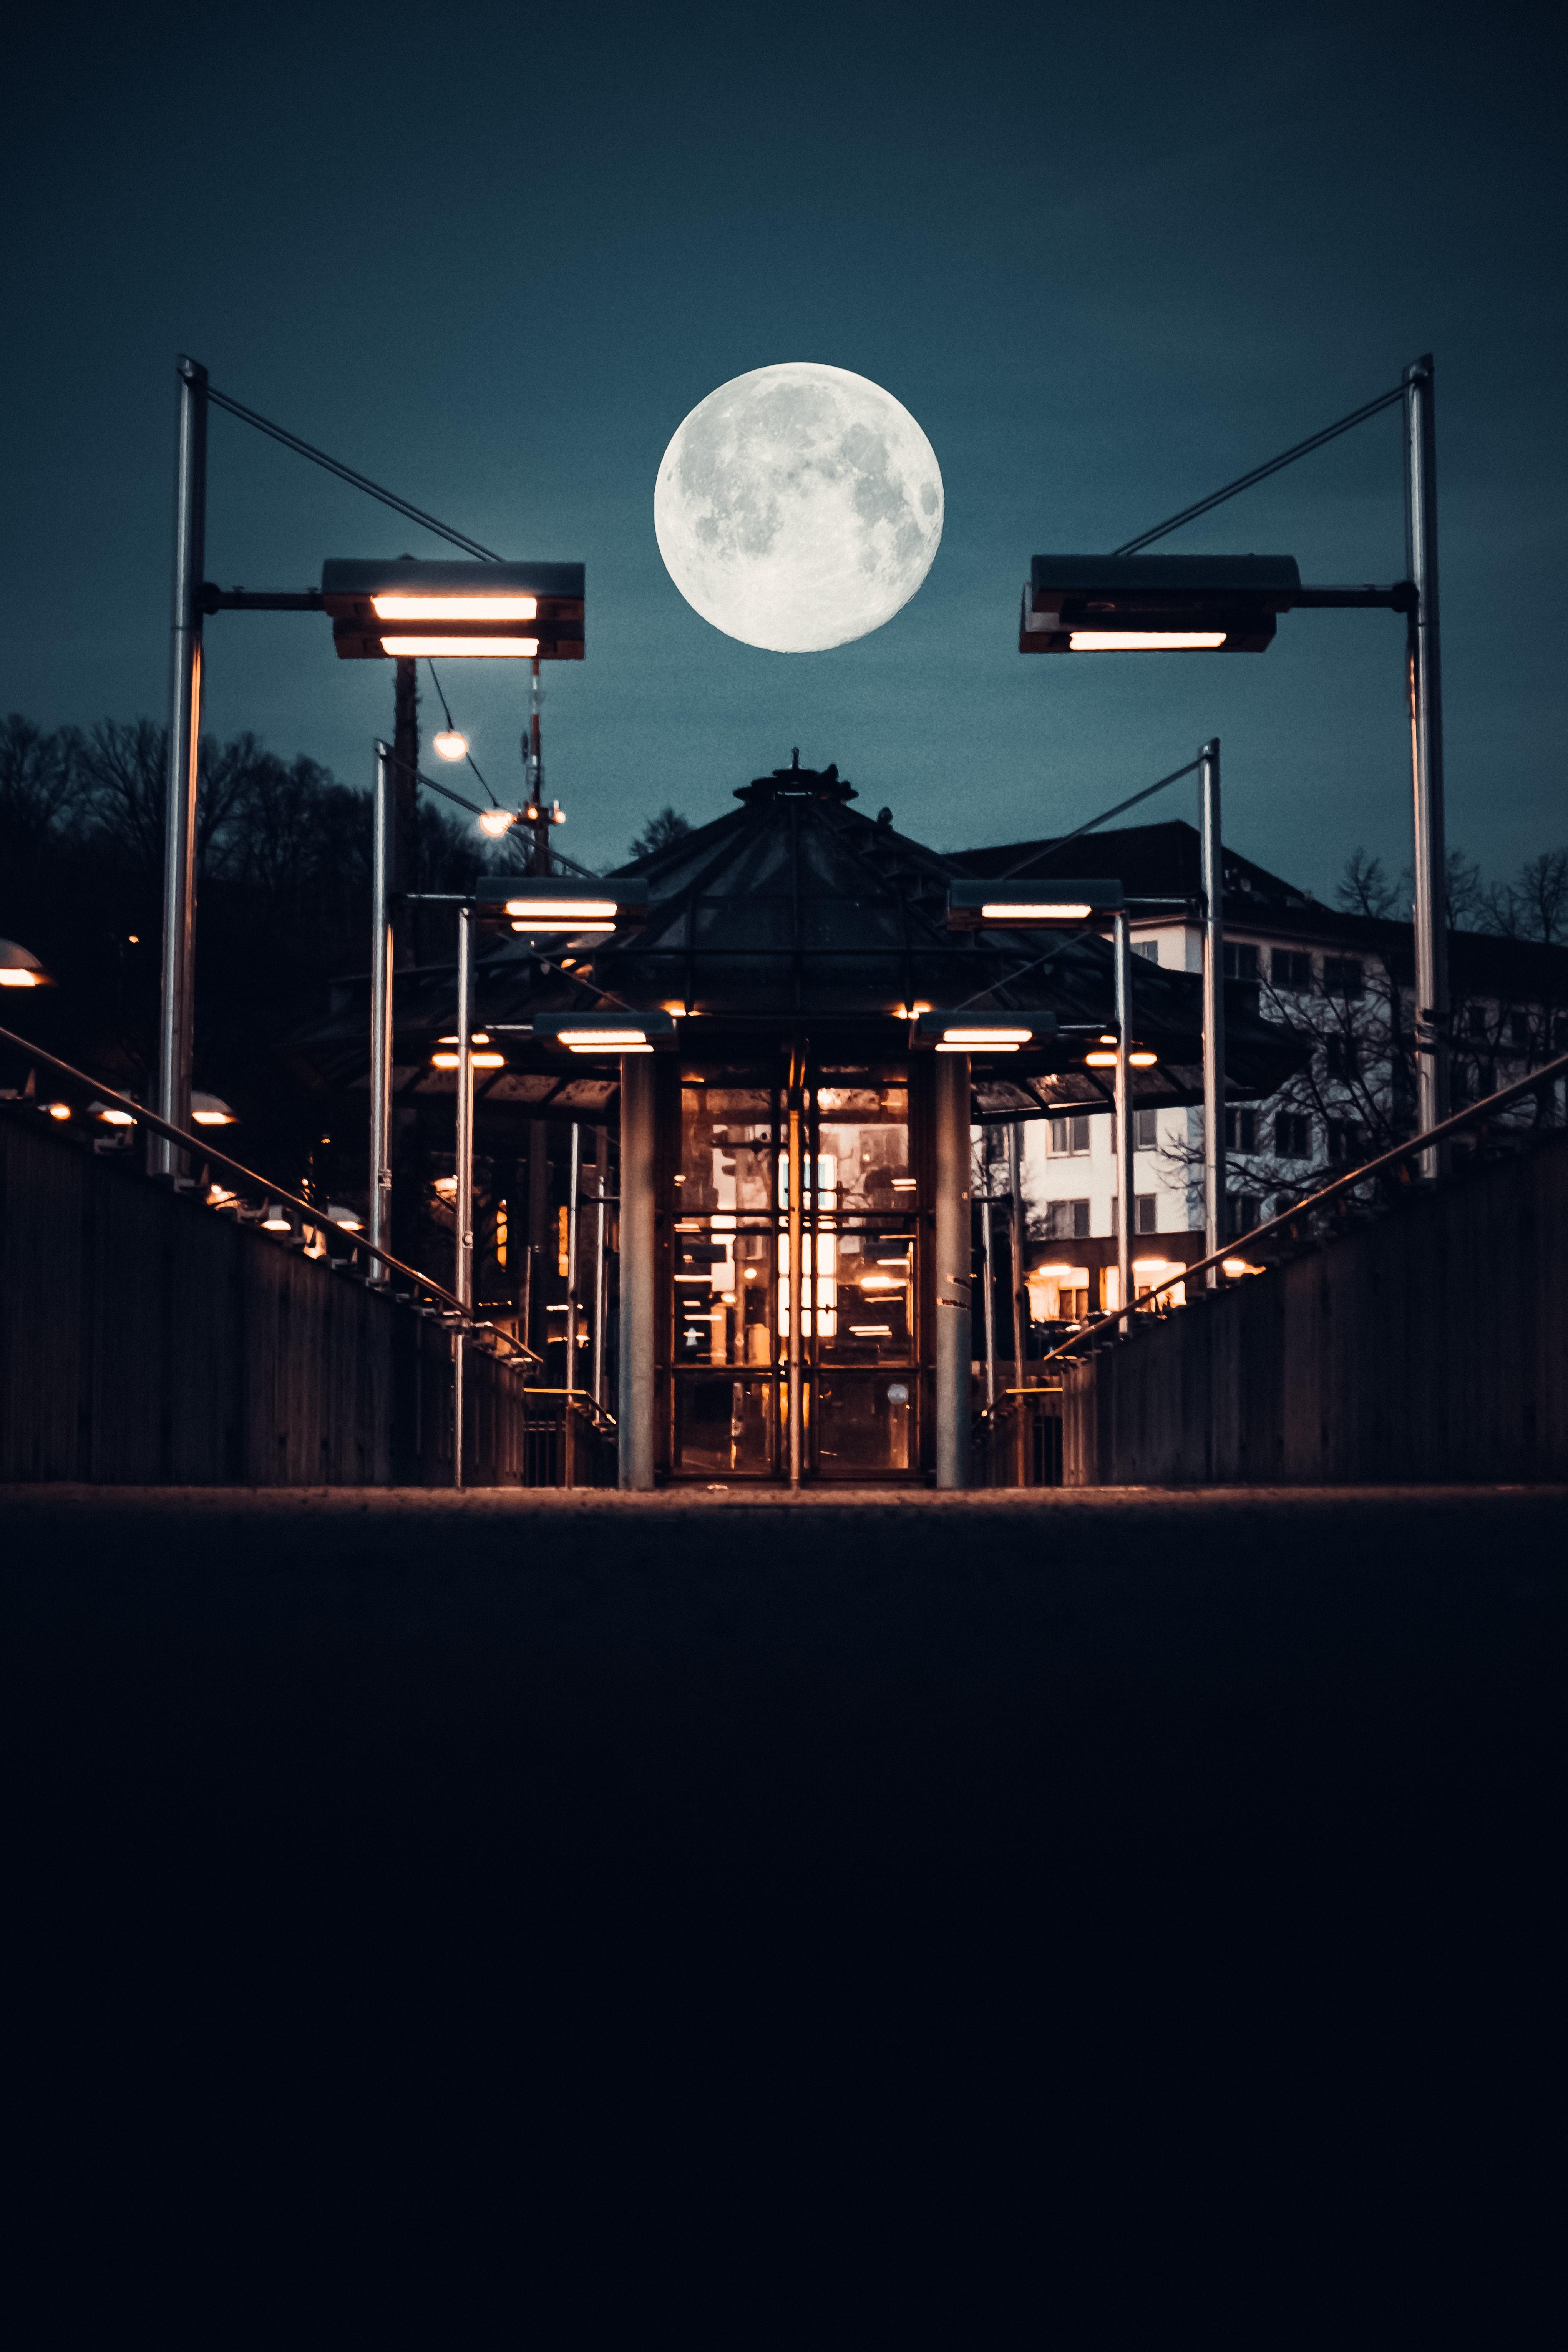 113981 免費下載壁紙 黑暗的, 黑暗, 建造, 建筑, 灯笼, 月球, 夜 屏保和圖片